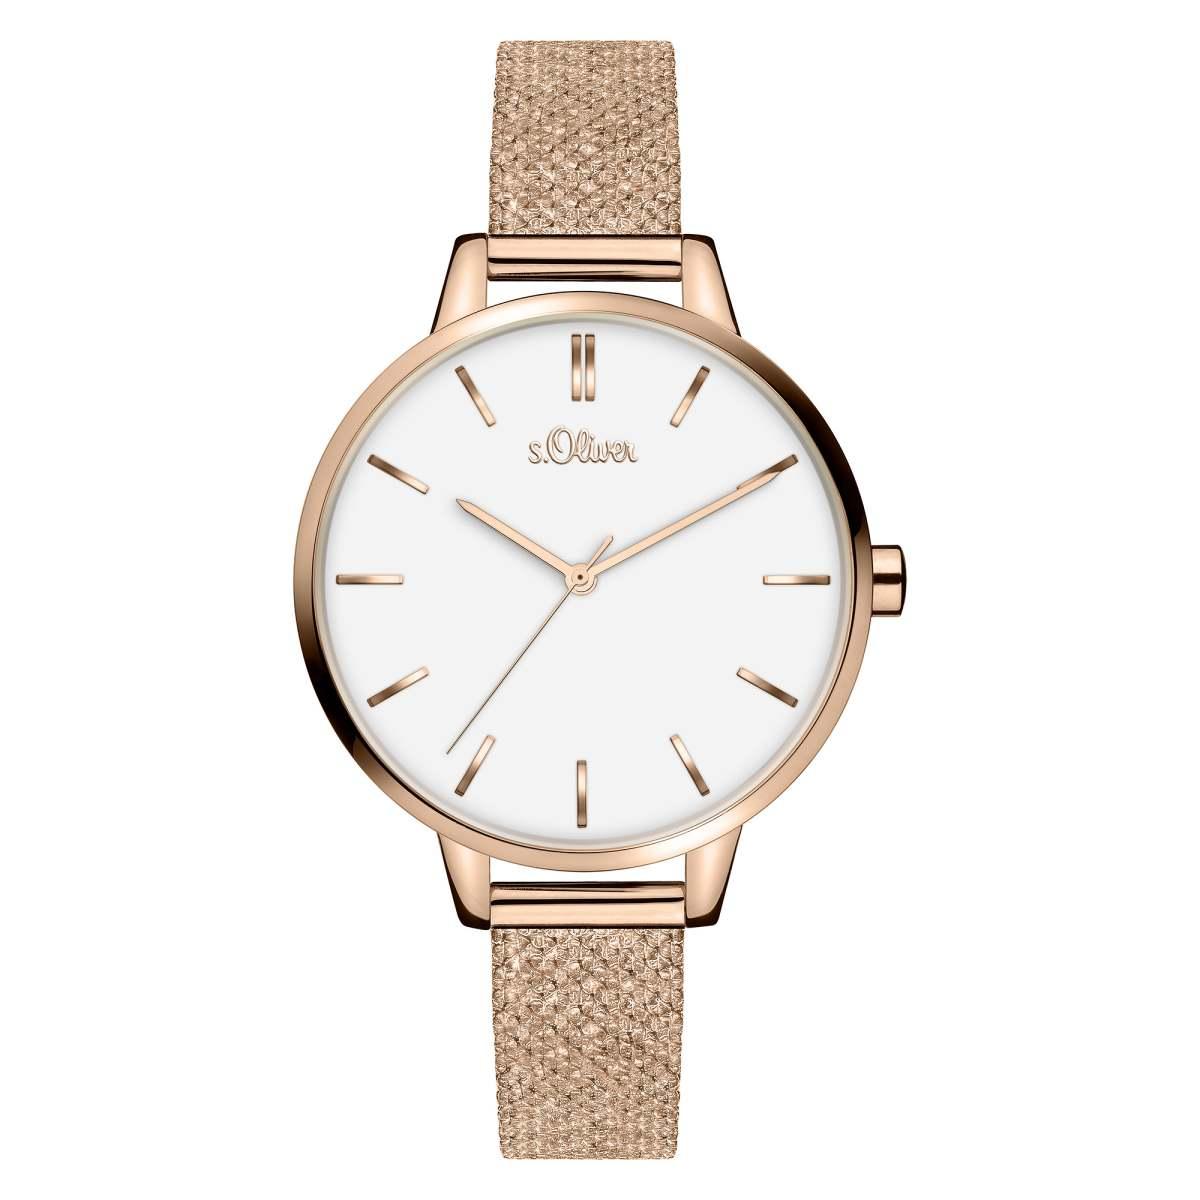 s.Oliver Damen Uhr Armbanduhr SO-1248-LQ